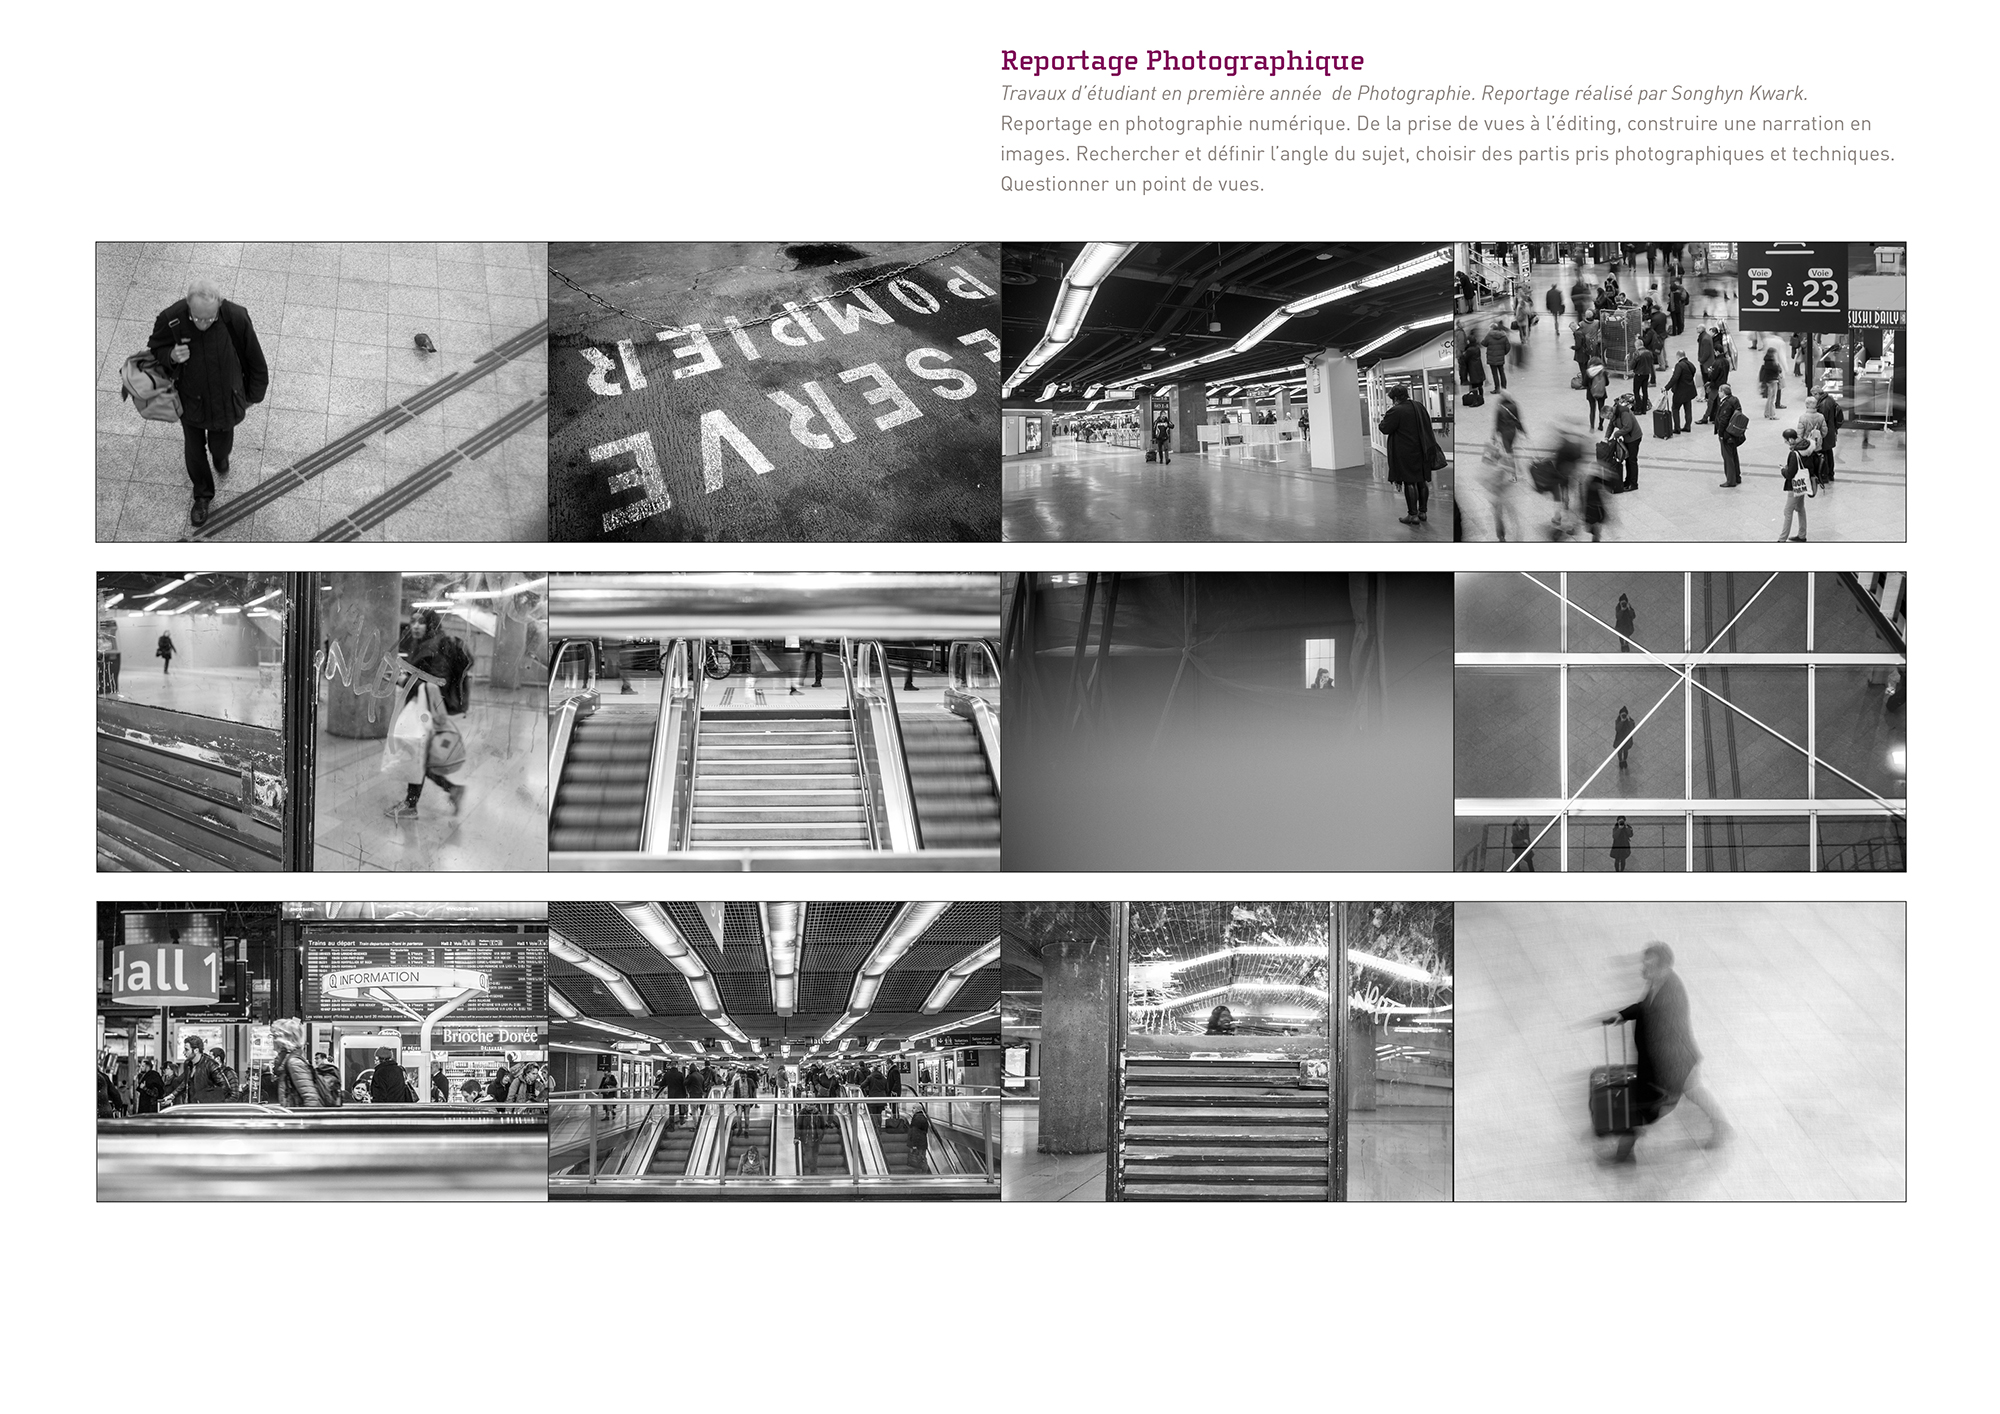 09-Travaux-etudiants-en-formation-photographie-reportage-Kwark